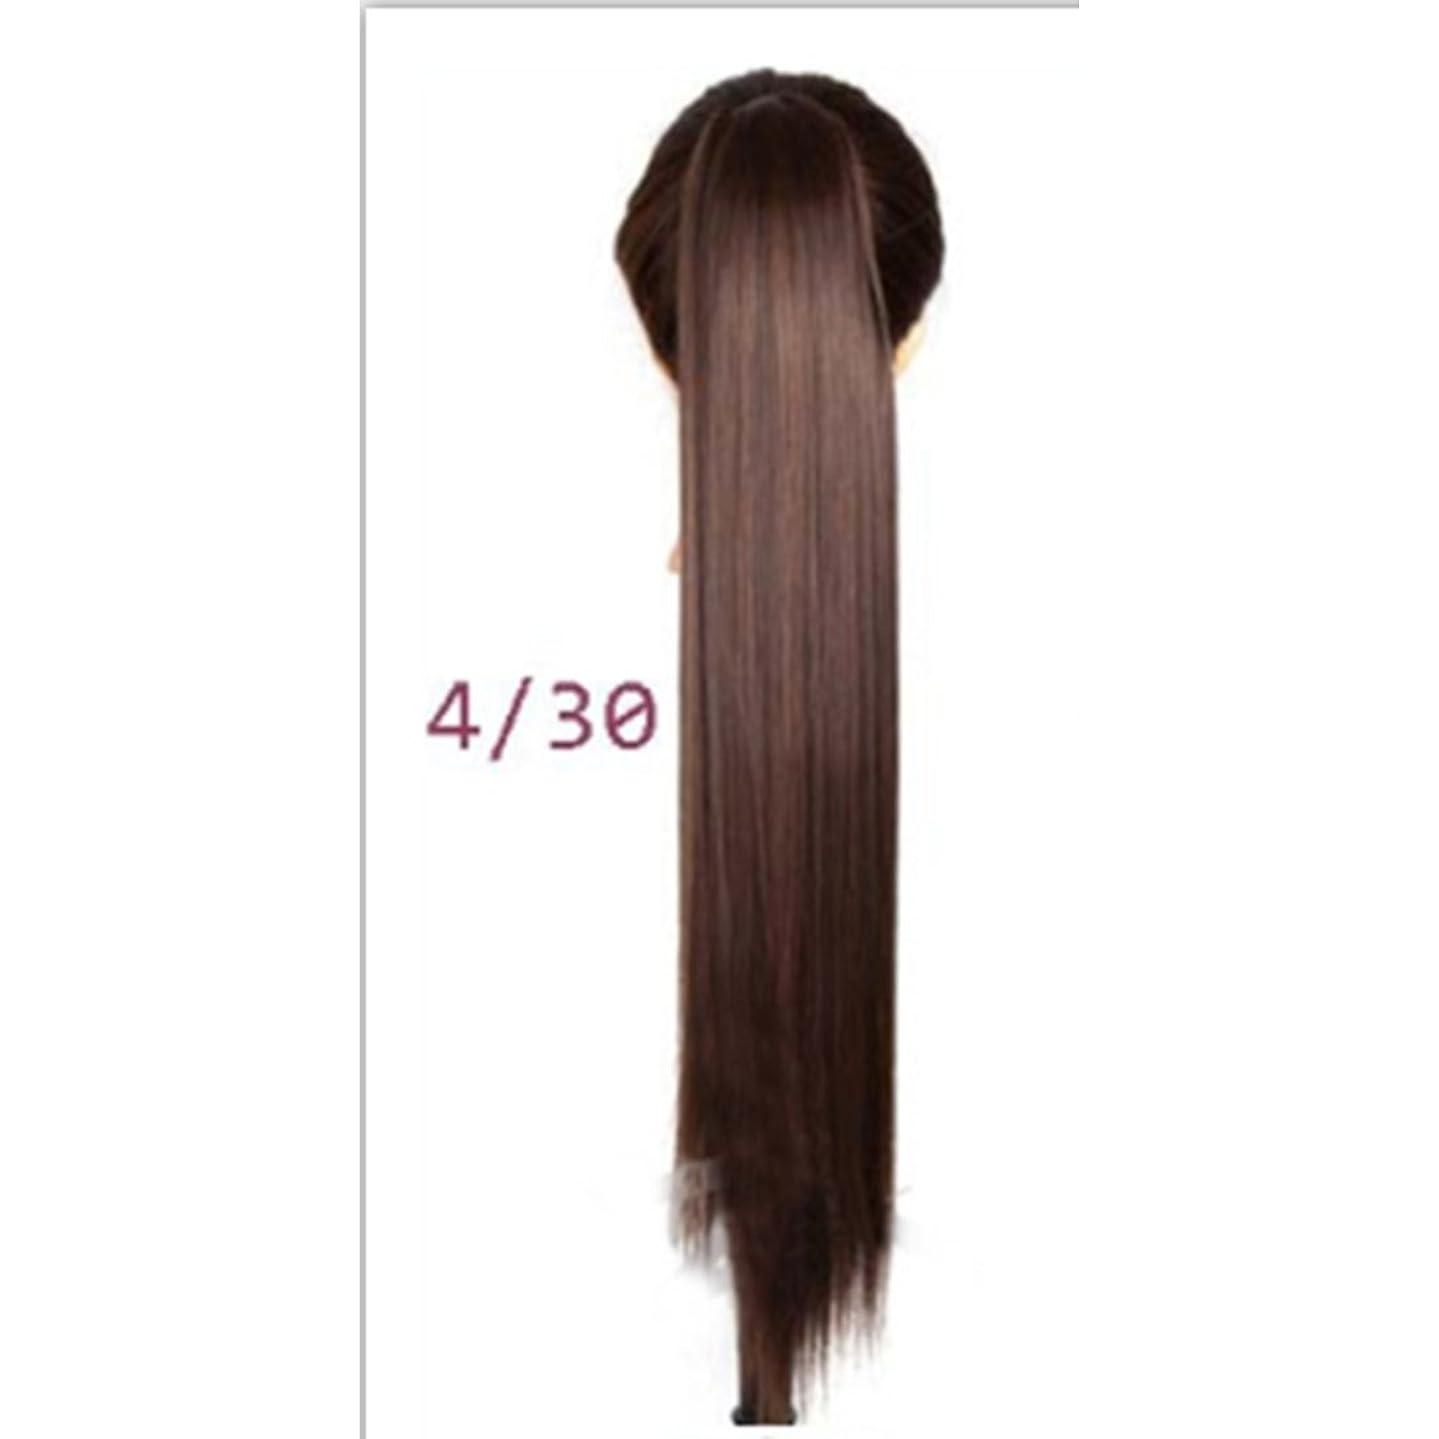 肌ダブル収まるIsikawan 女性のための長いストレートヘア高温ヘアピースストレートポニーテール爪クリップ女性ストレートポニーテールエクステンション長24インチ/ 150グラム合成用 (色 : 4/30#)